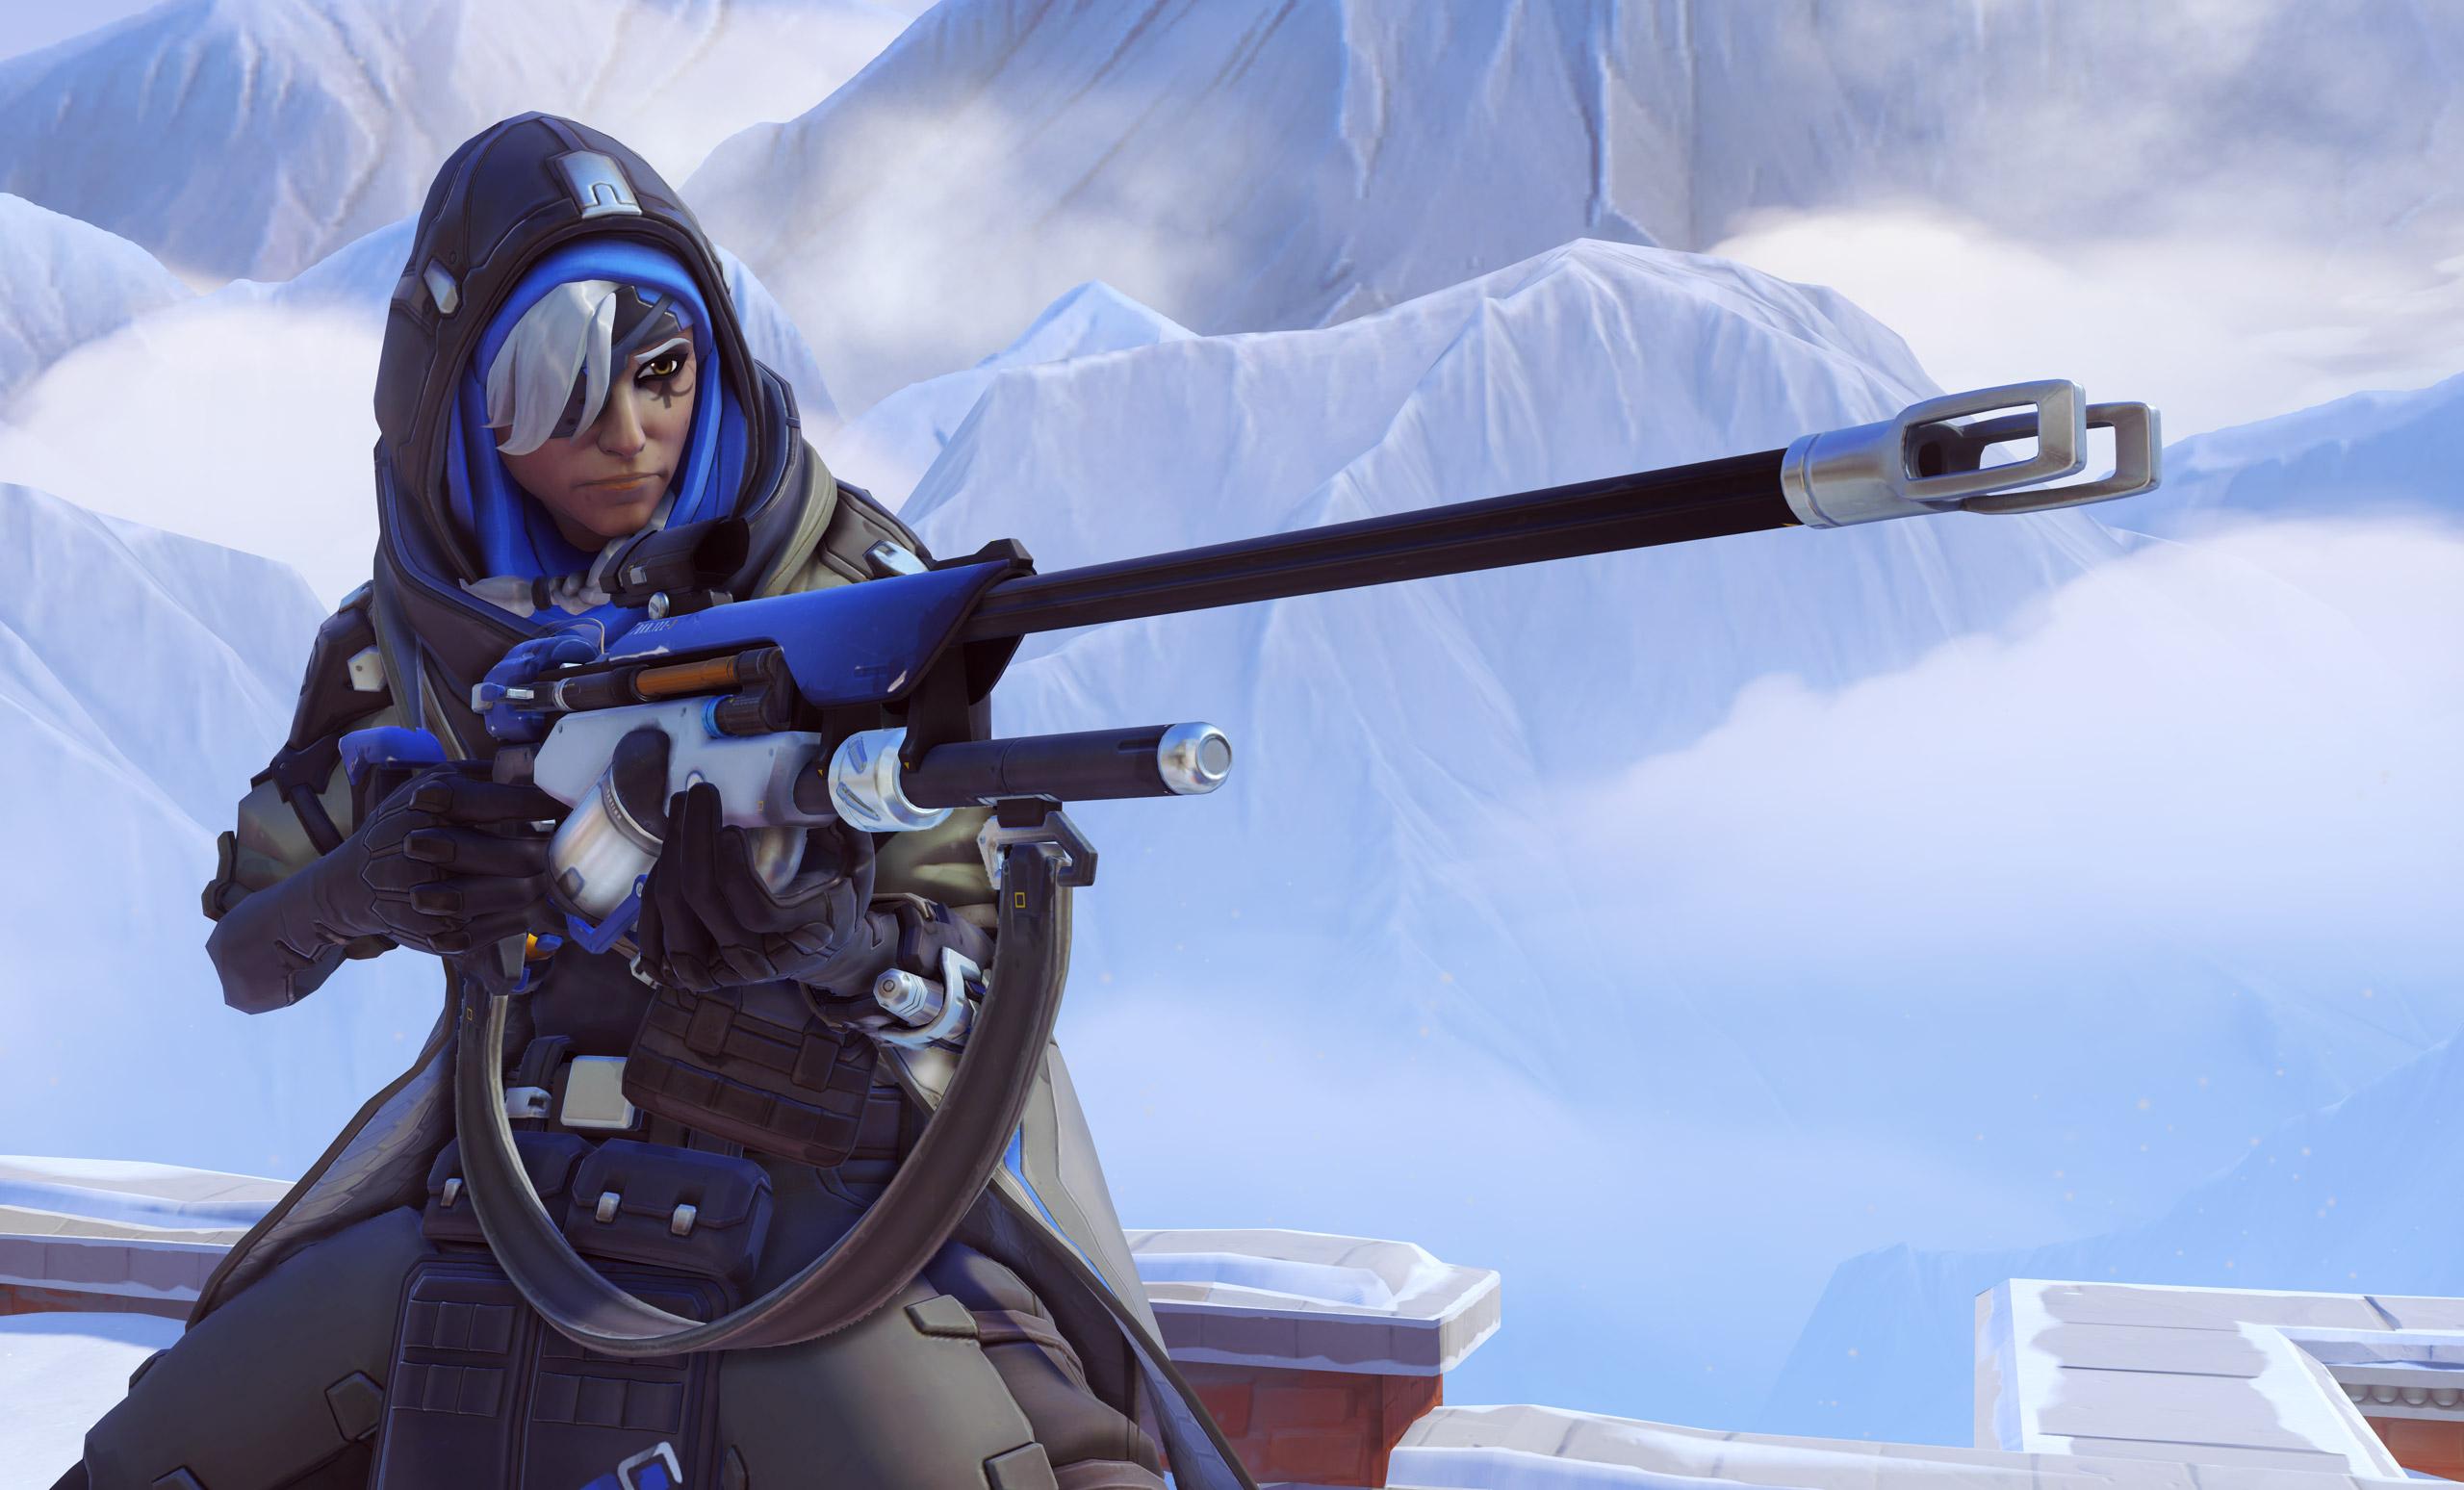 Ana Overwatch hero support3